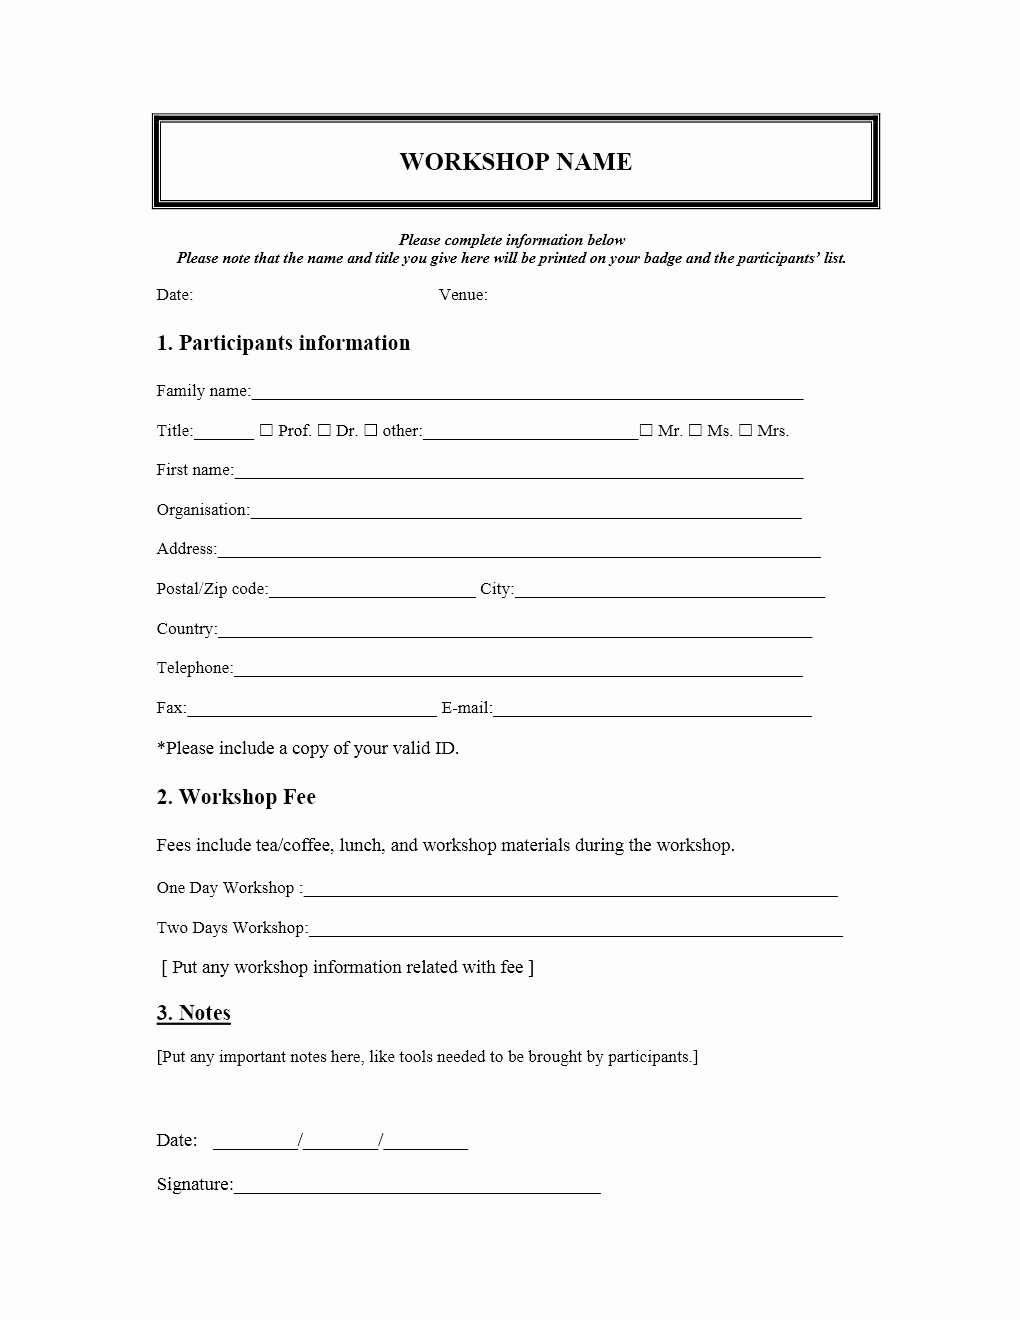 Free Registration forms Template Luxury Workshop Registration form